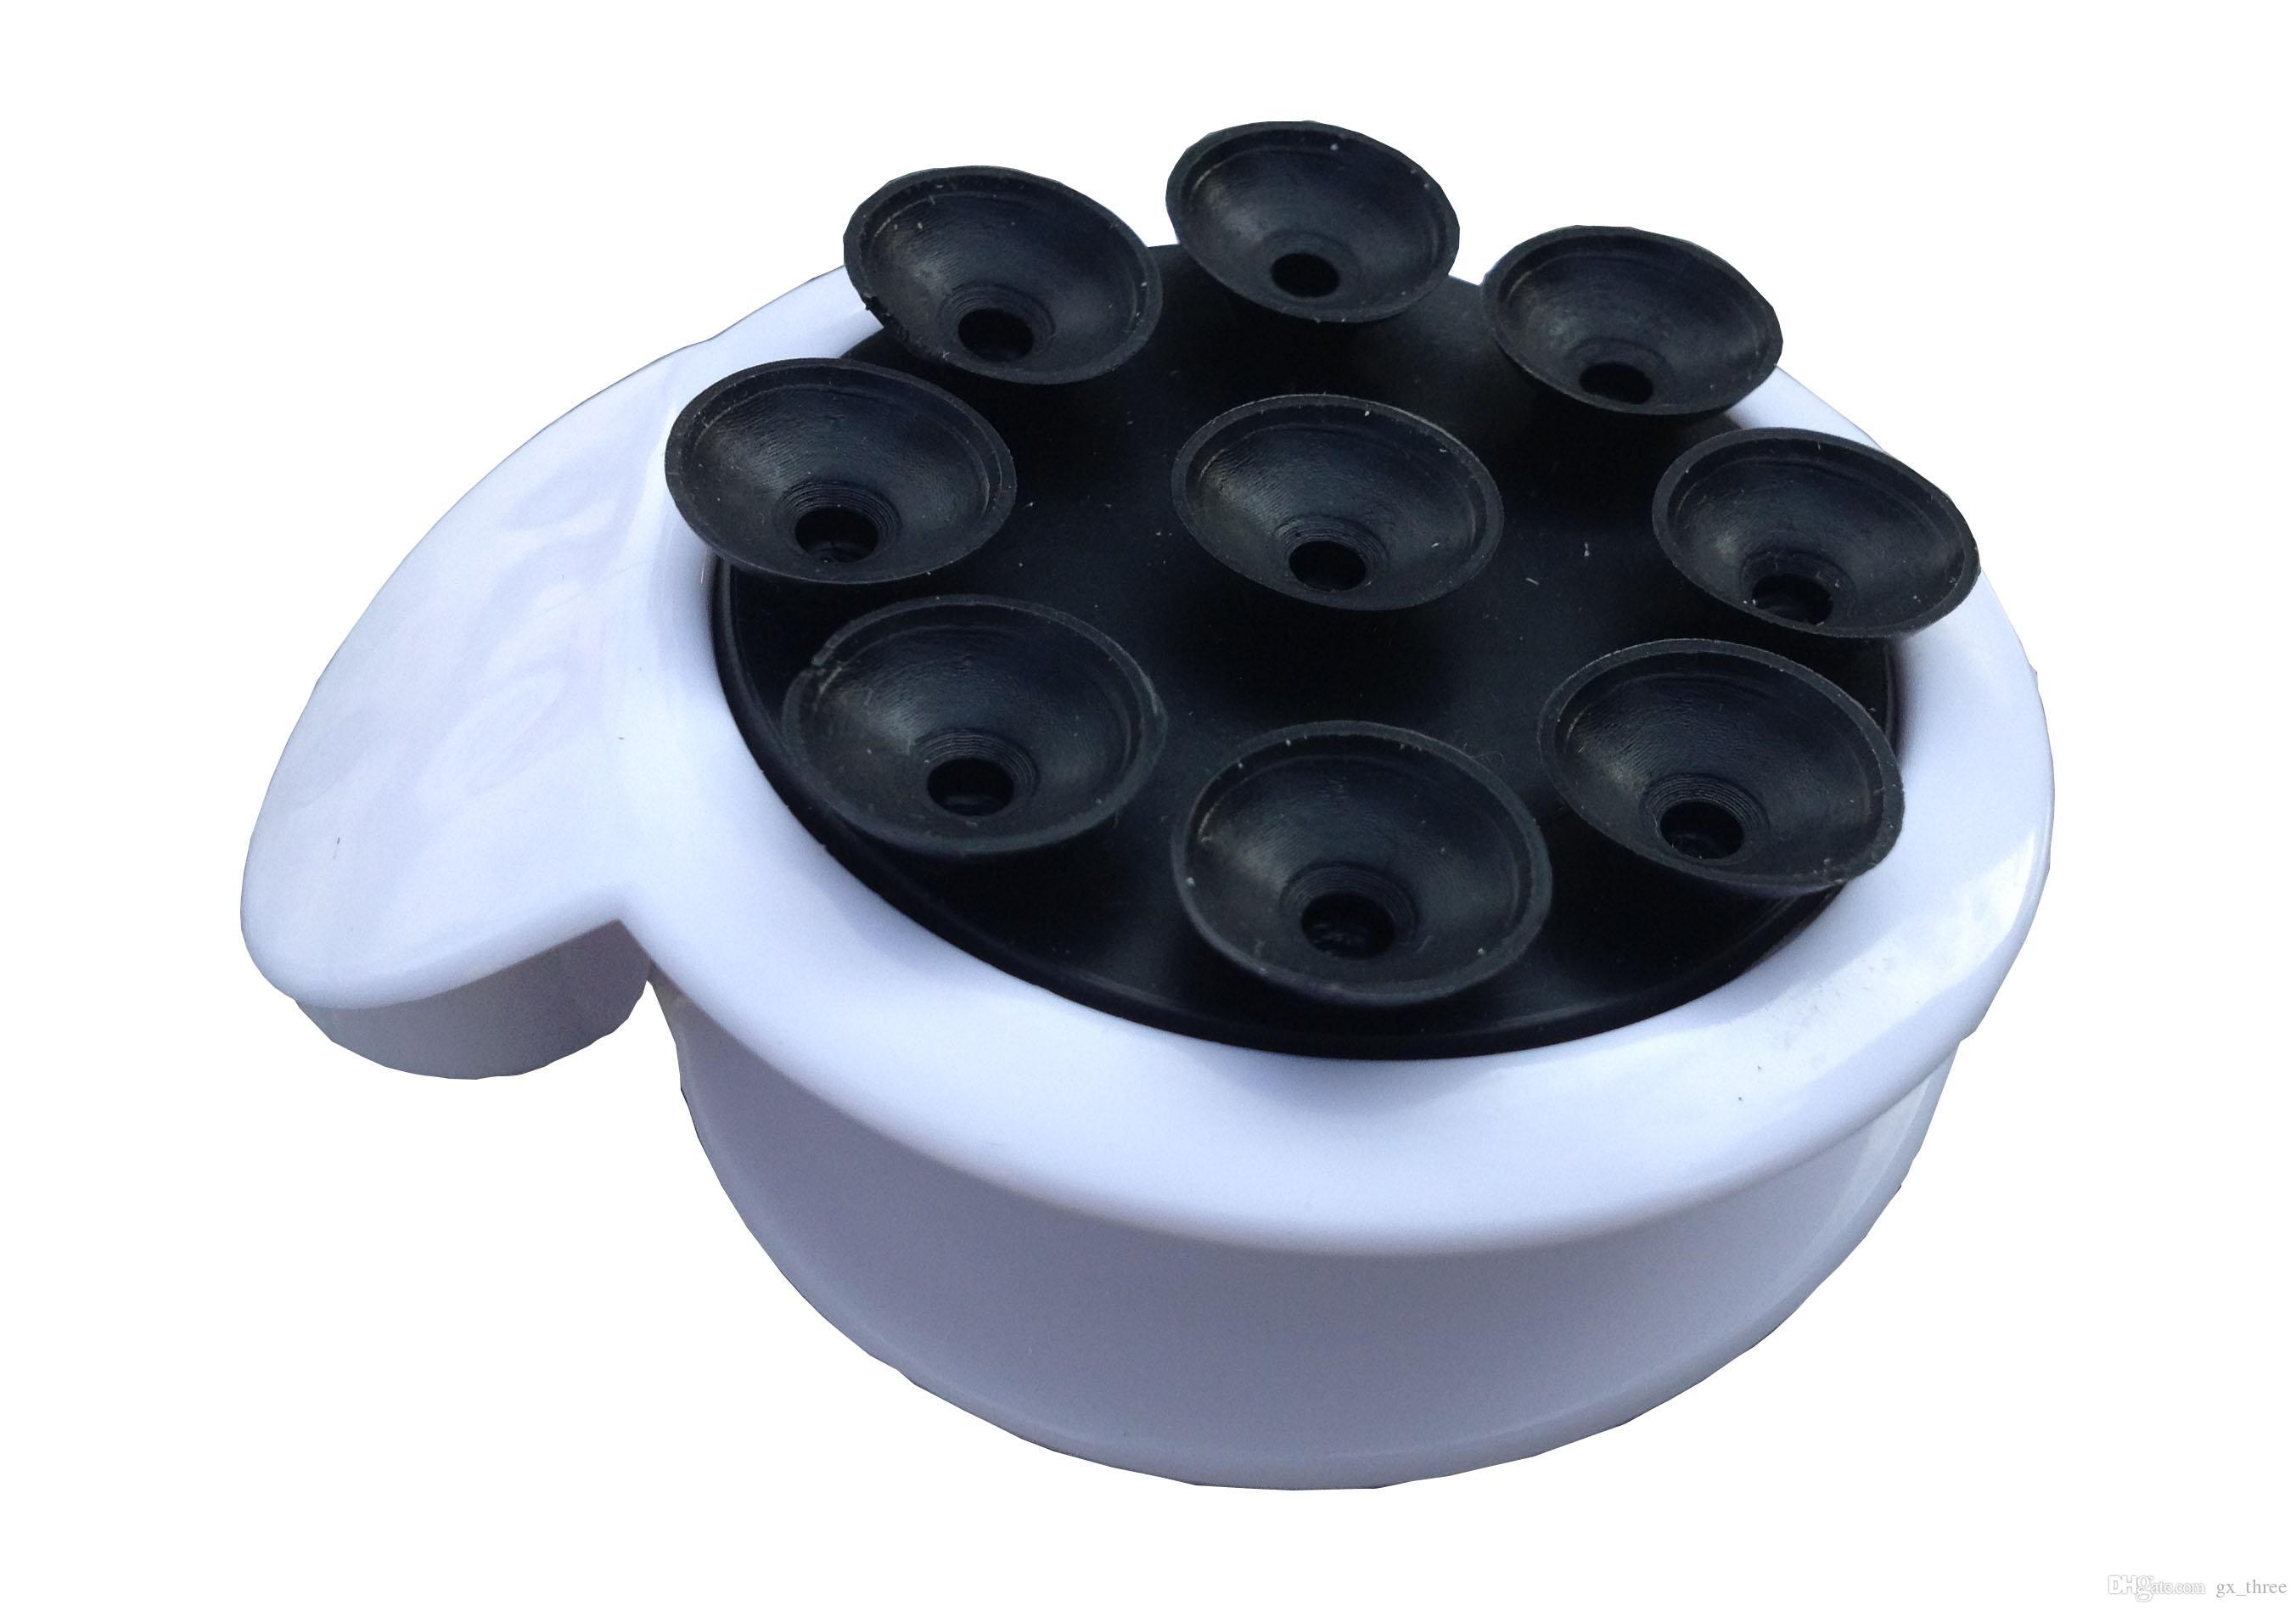 Couleur noire chaud vente béquilles Mobilephone Multifuction Placer léger et petit bureau et voiture Automobile véhicule téléphone cellulaire Sucker Stand